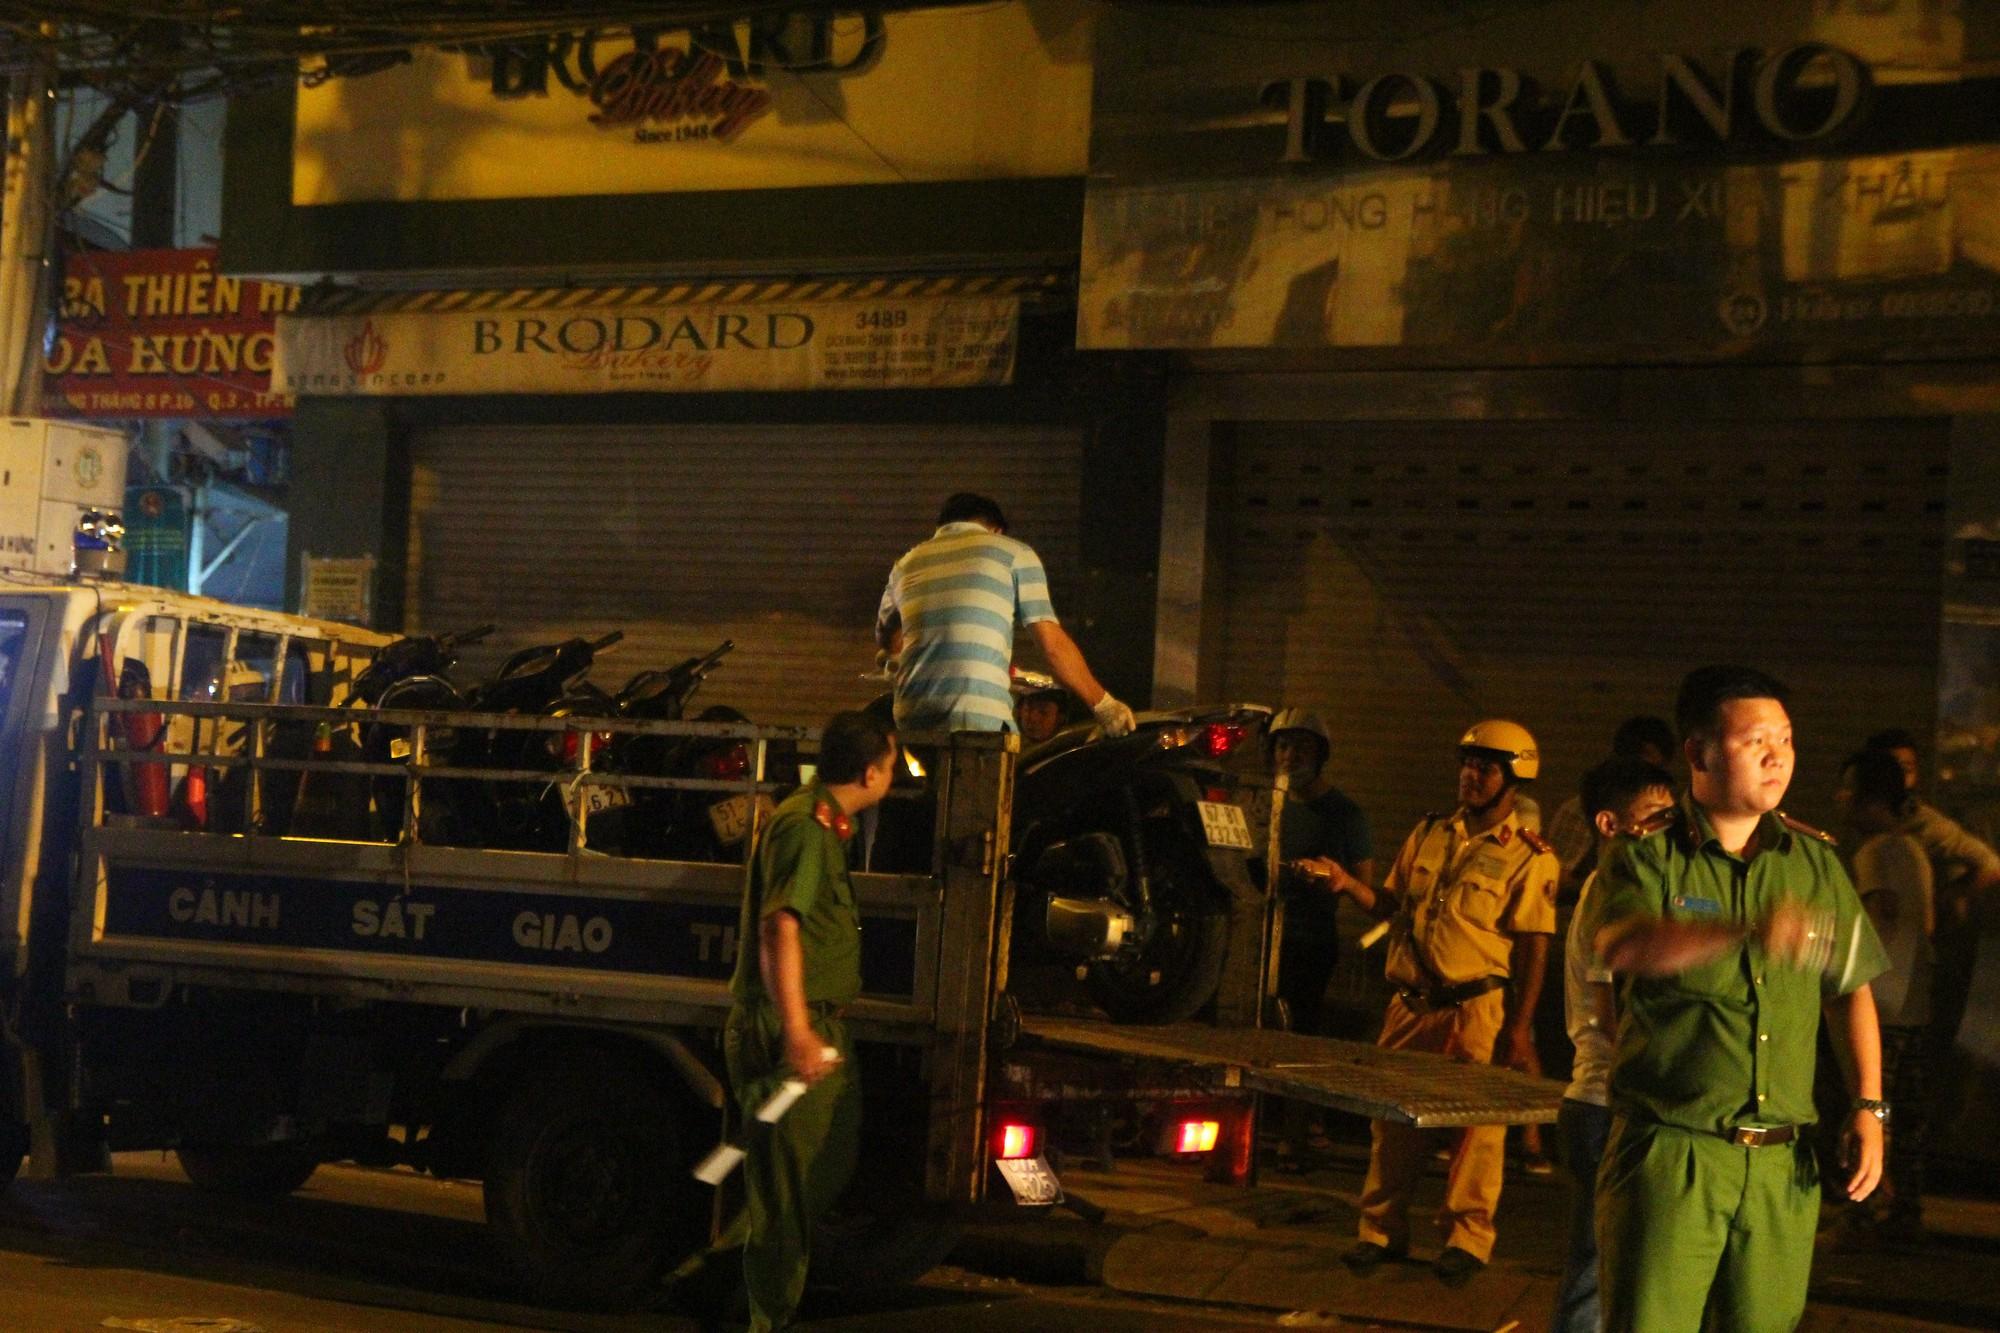 Hiện trường vụ băng trộm SH đâm chết 2 người ở Sài Gòn - Ảnh 9.